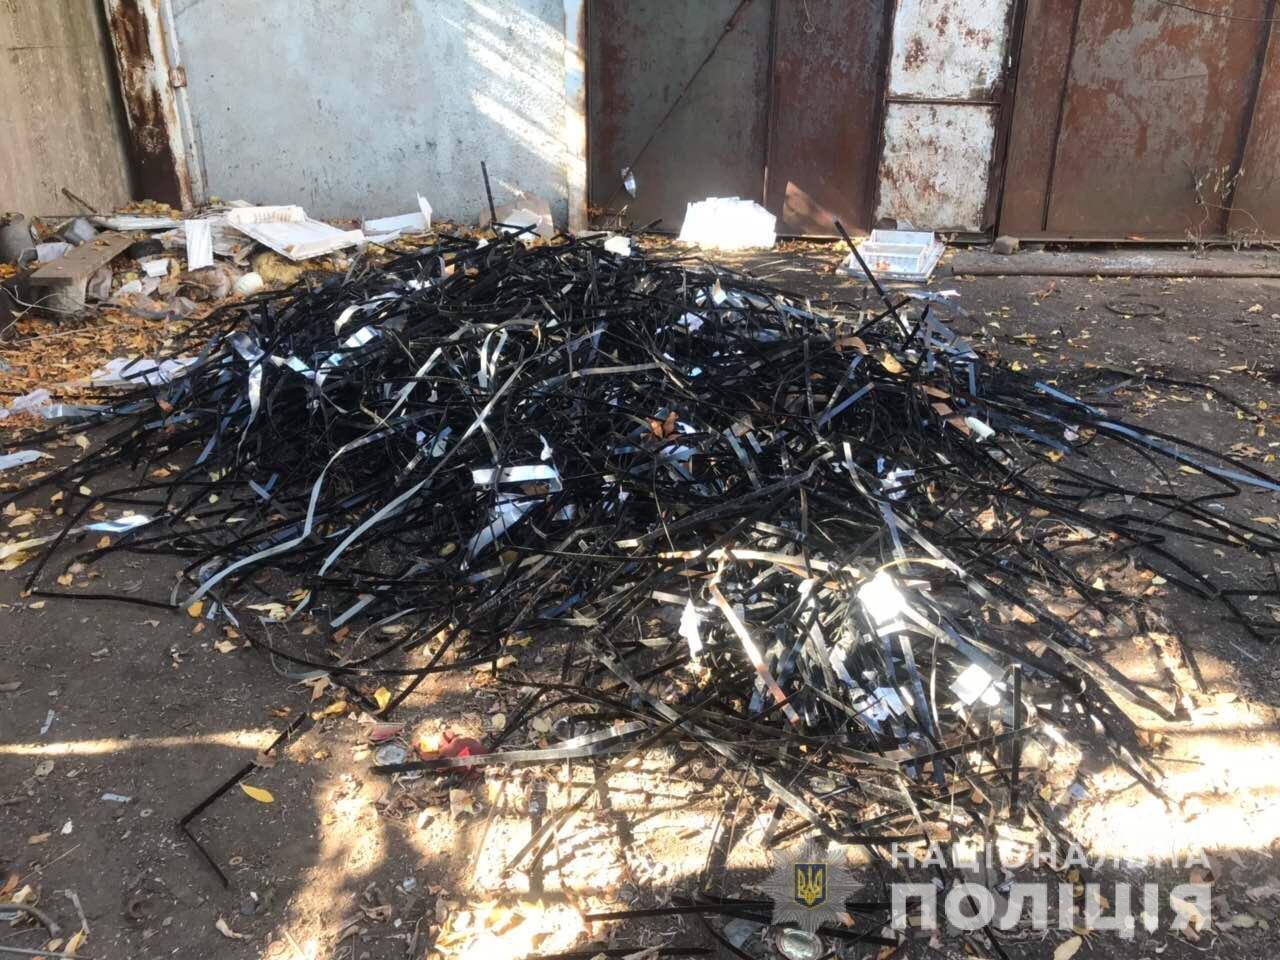 В Акимовке обнаружили незаконный пункт приема металлолома, - ФОТО, фото-3